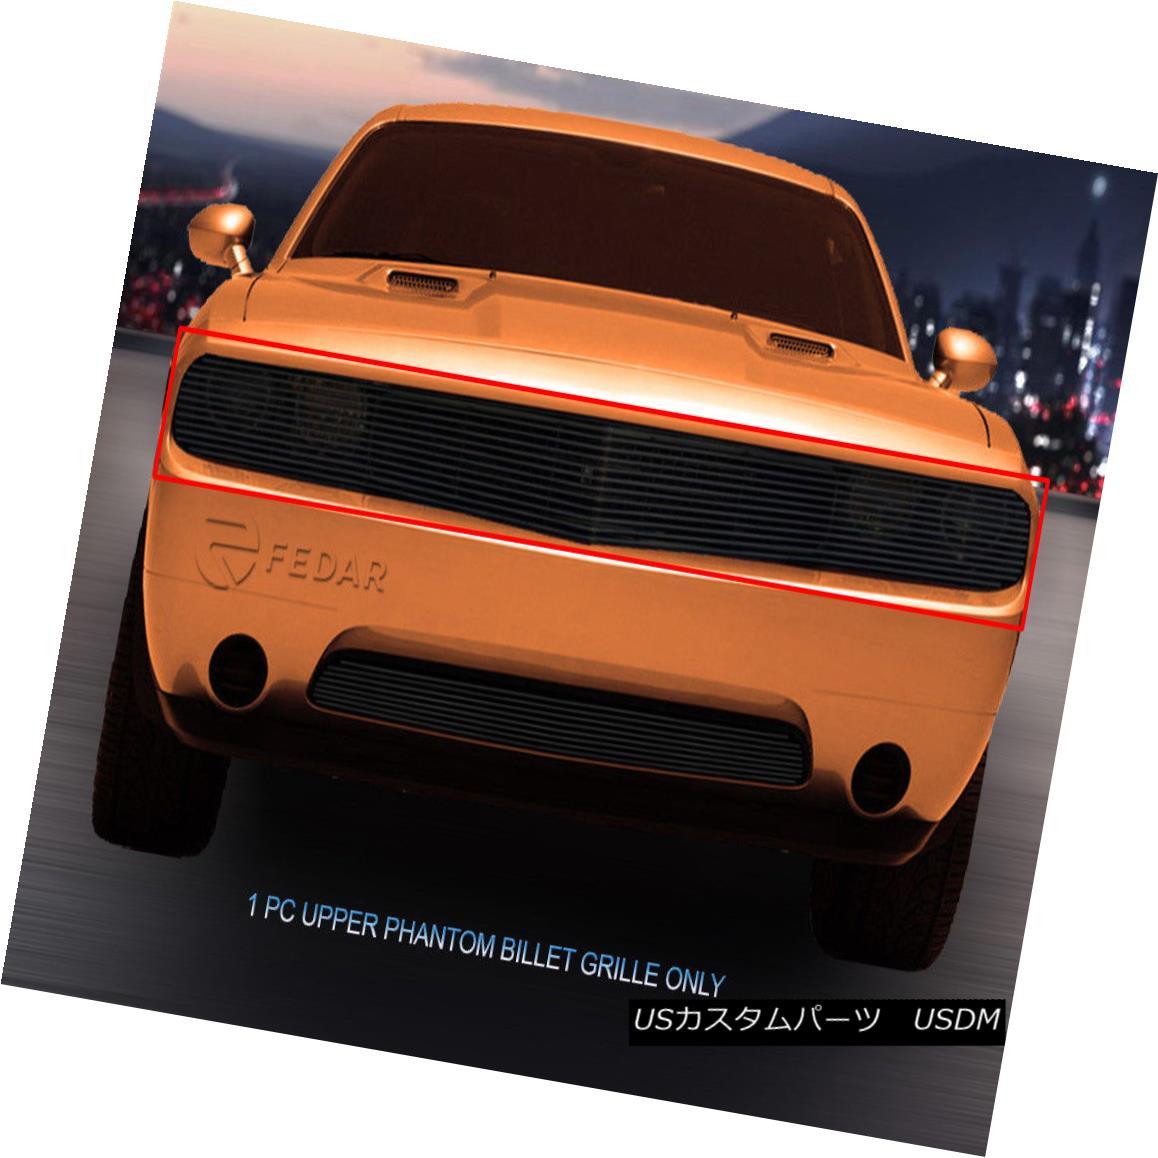 グリル Fits 2009-2014 Dodge Challenger Phantom Black Billet Grille Grill Insert Fedar フィット2009-2014ダッジチャレンジャーファントムブラックビレットグリルグリルインサートFedar